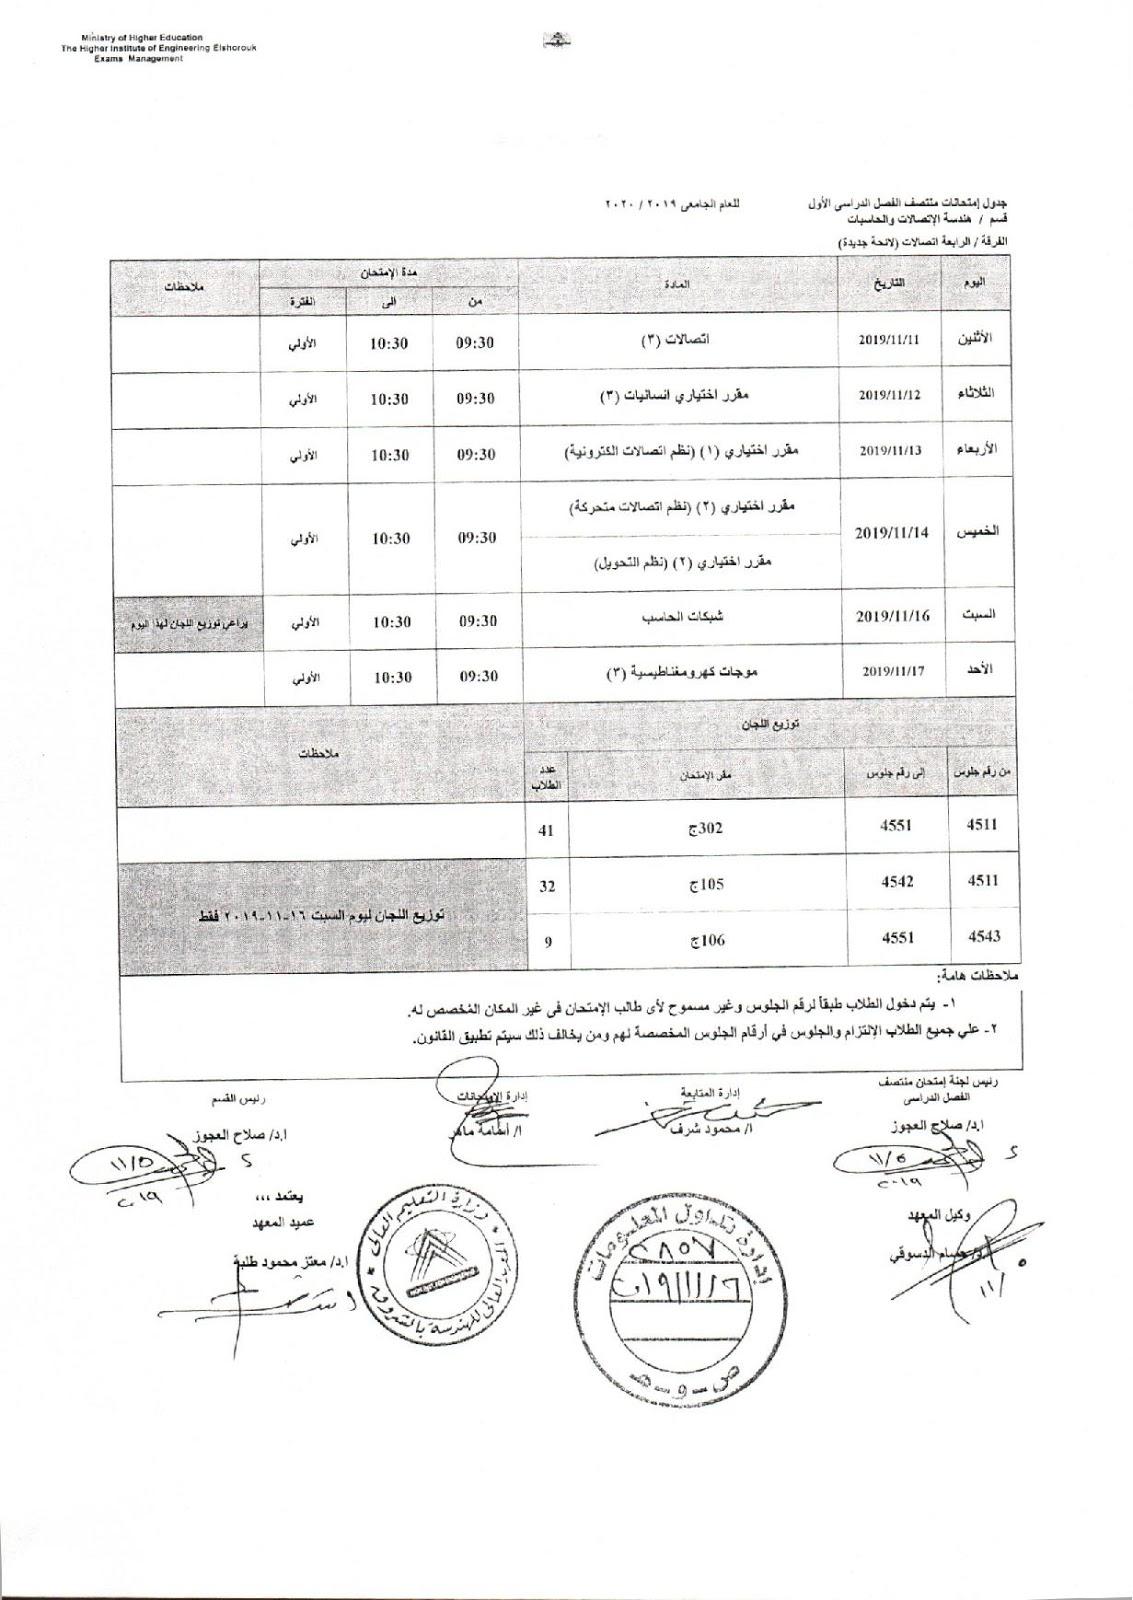 جدول امتحانات رابعة اتصالات لائحة جديدة هندسة الشروق الميدترم 2019-2020